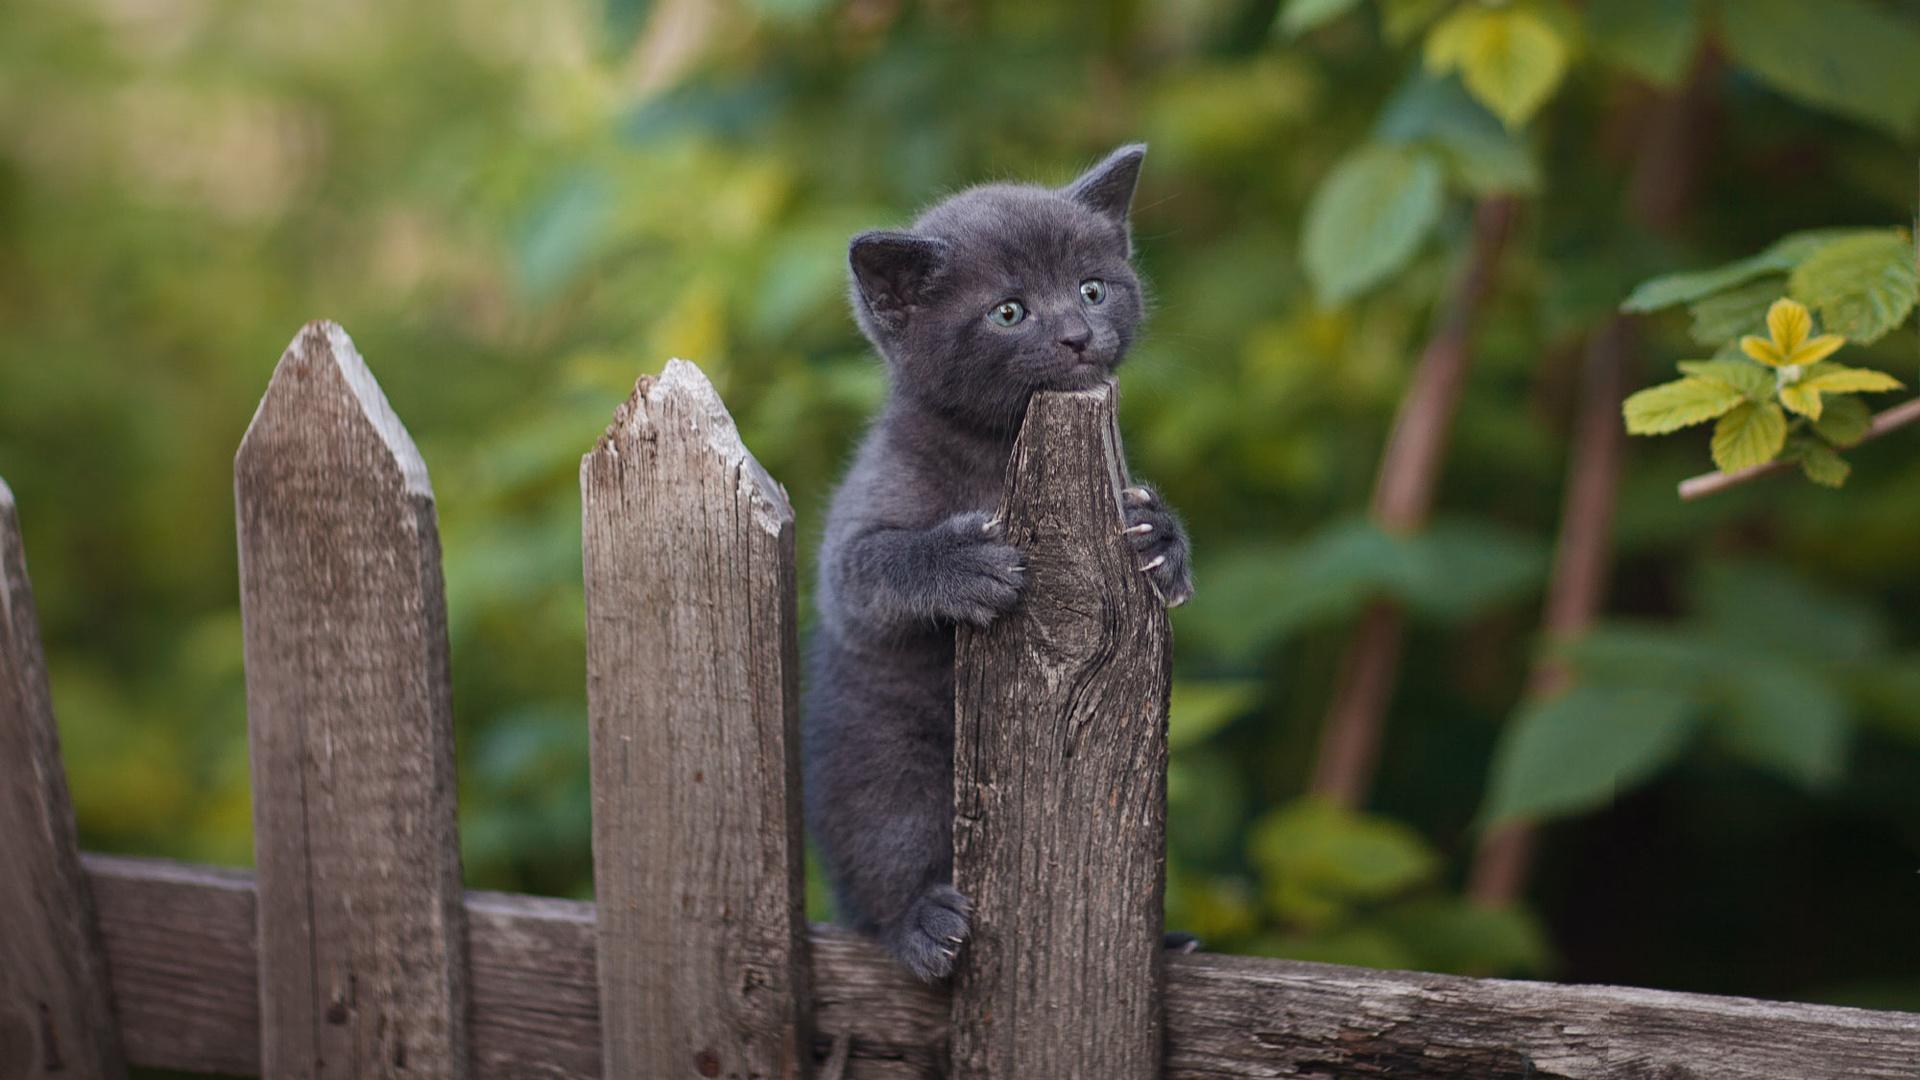 природа, растительность, животное, забор, малыш, детёныш, котёнок, юрий коротун